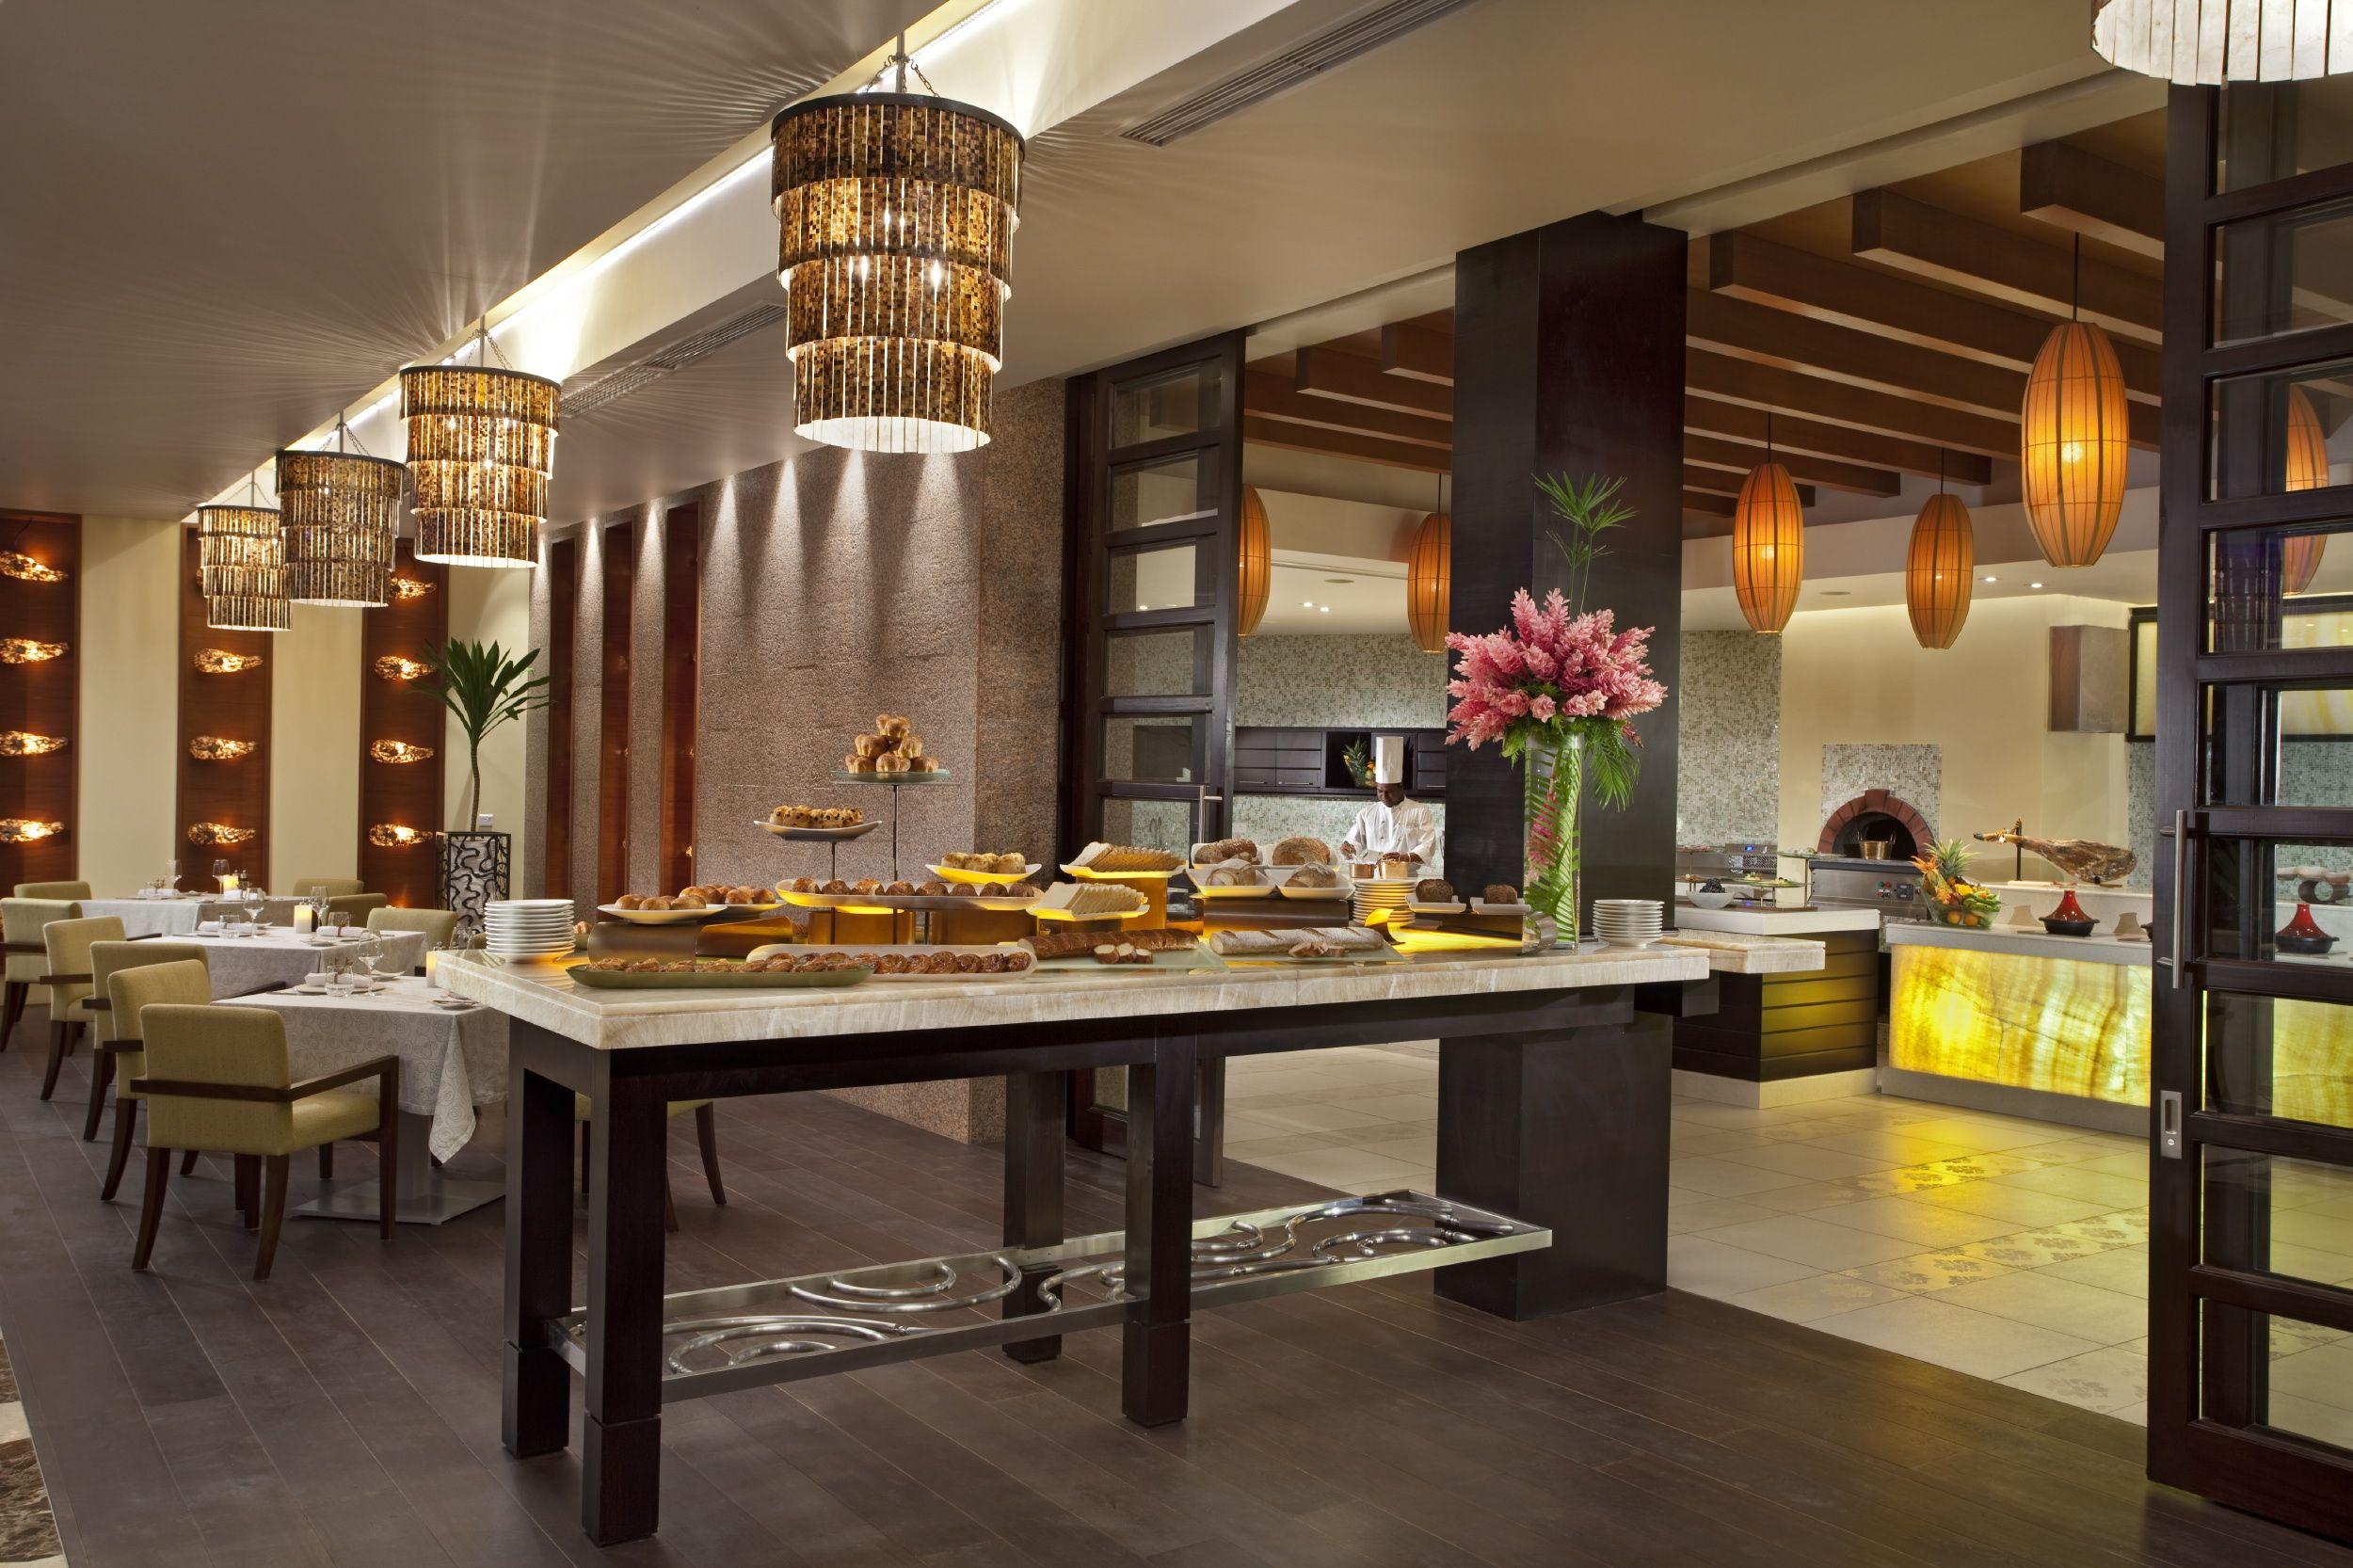 clean lines | buffet design inspirations | pinterest | buffet and